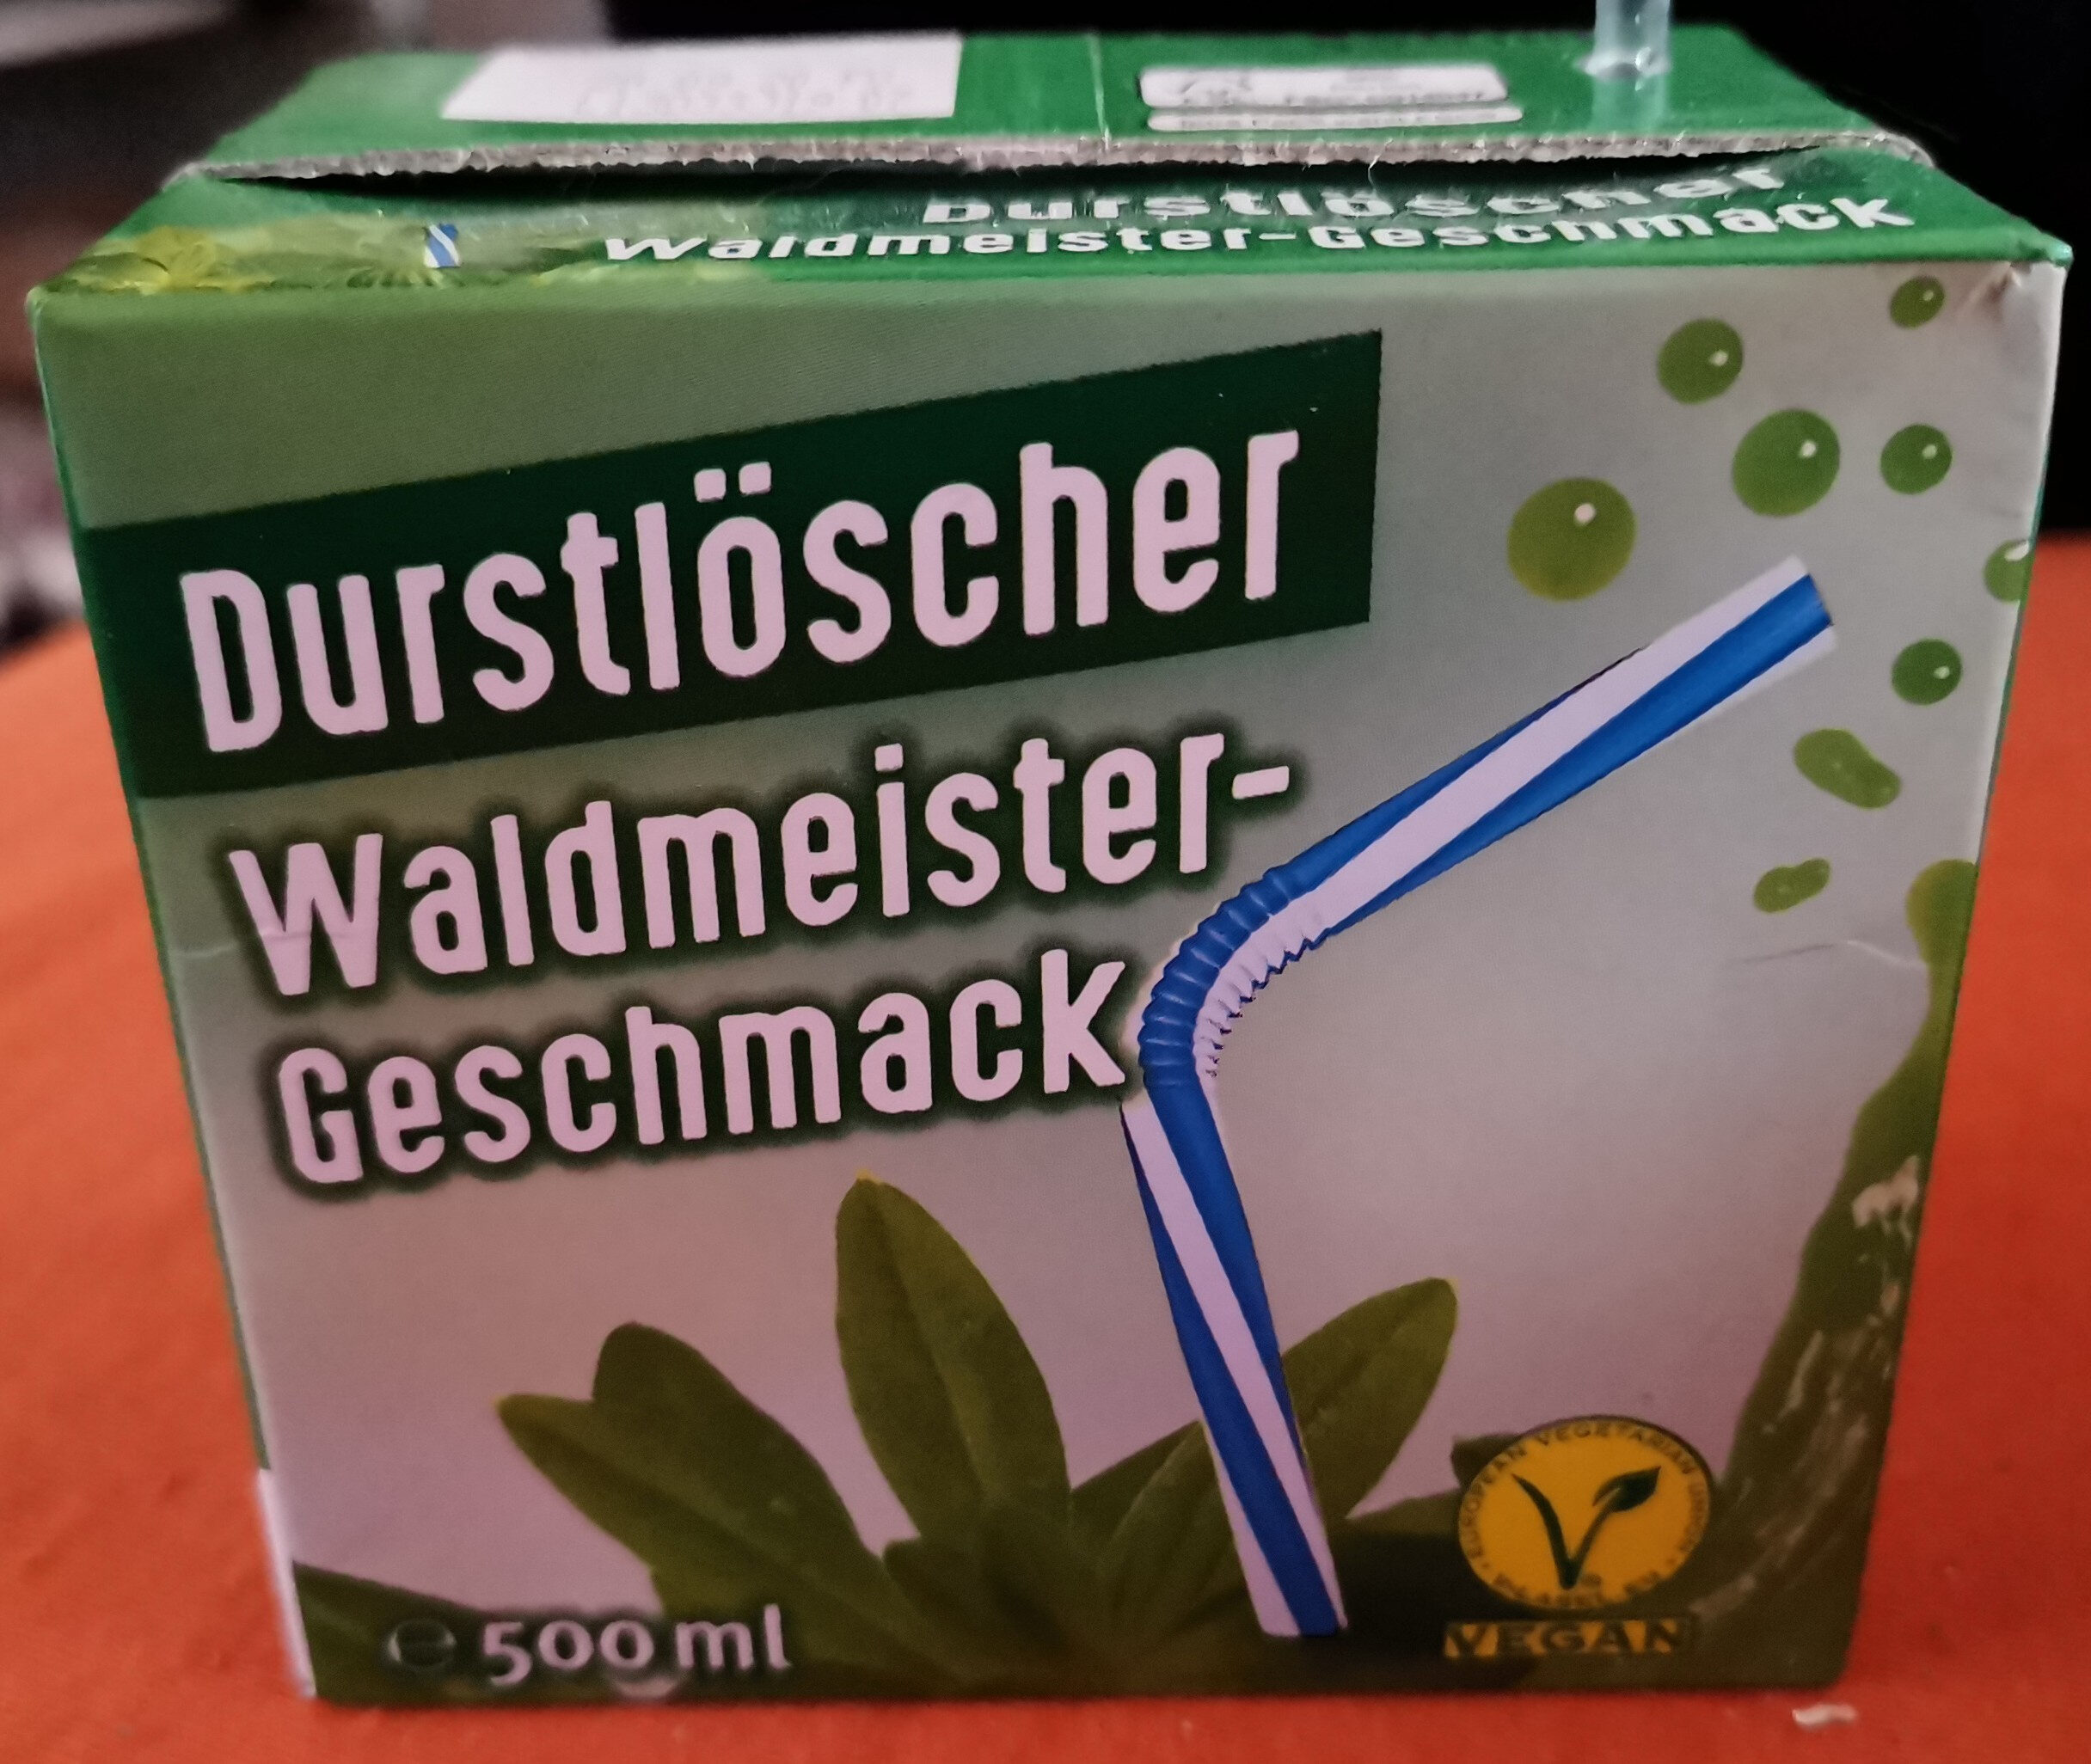 Durstlöscher Waldmeister-Geschmack - Produkt - de